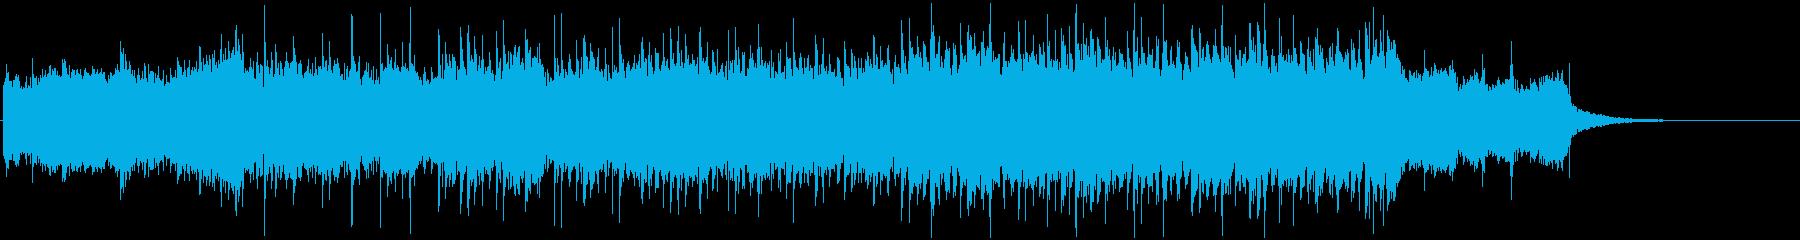 和風の神秘的なミドルテンポ曲ですの再生済みの波形